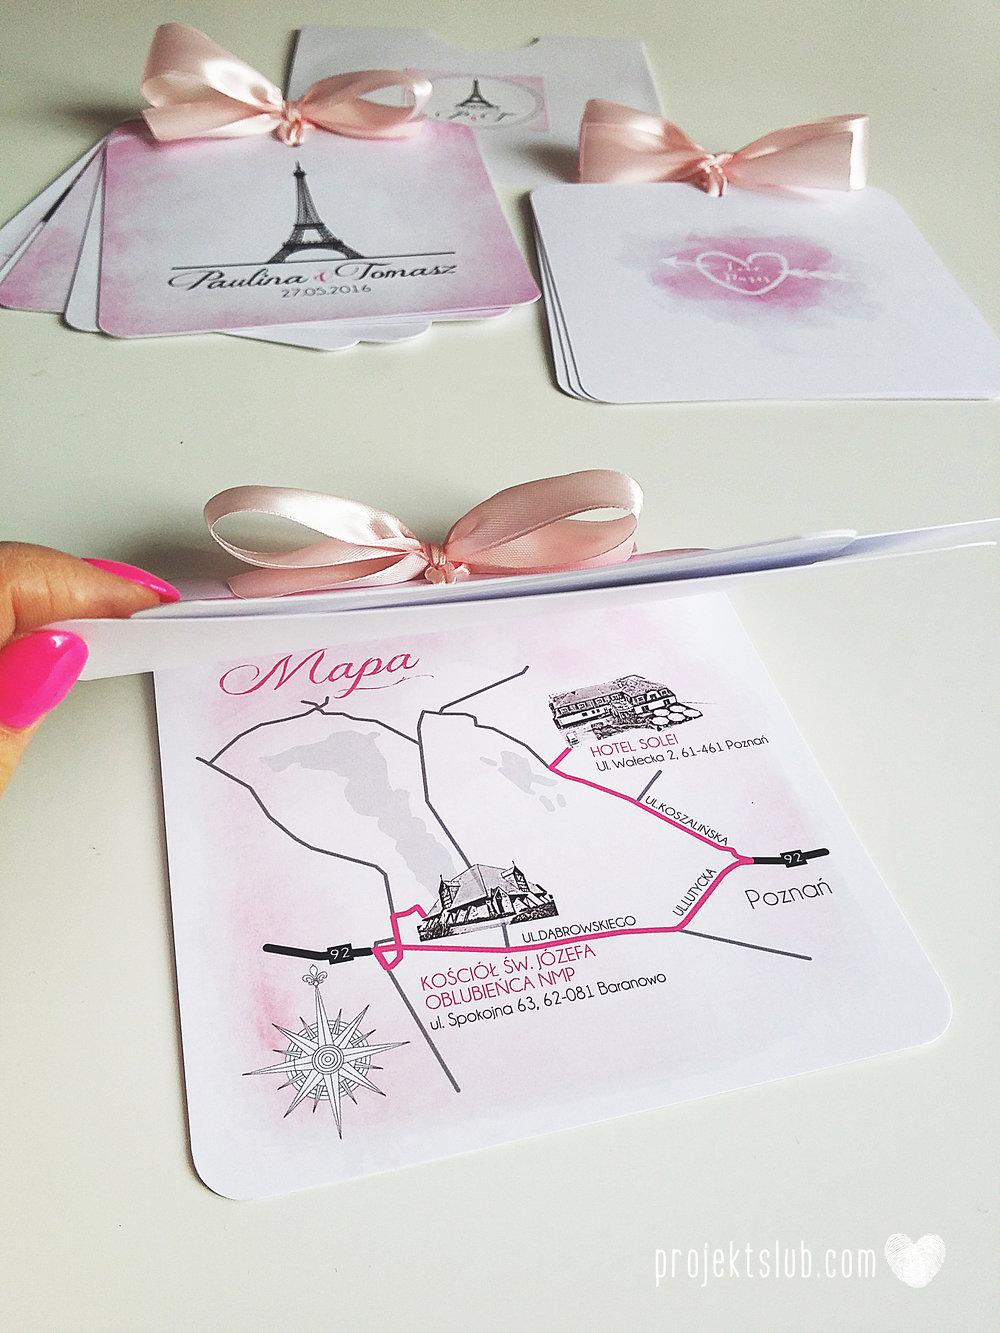 zaproszenia ślubne z kokardą eleganckie oryginalne nowoczesne rysunkowe pastelowe pudrowy róż wieża eiffel zakochani w paryżu zdjęcia  projekt ślub (3).jpg